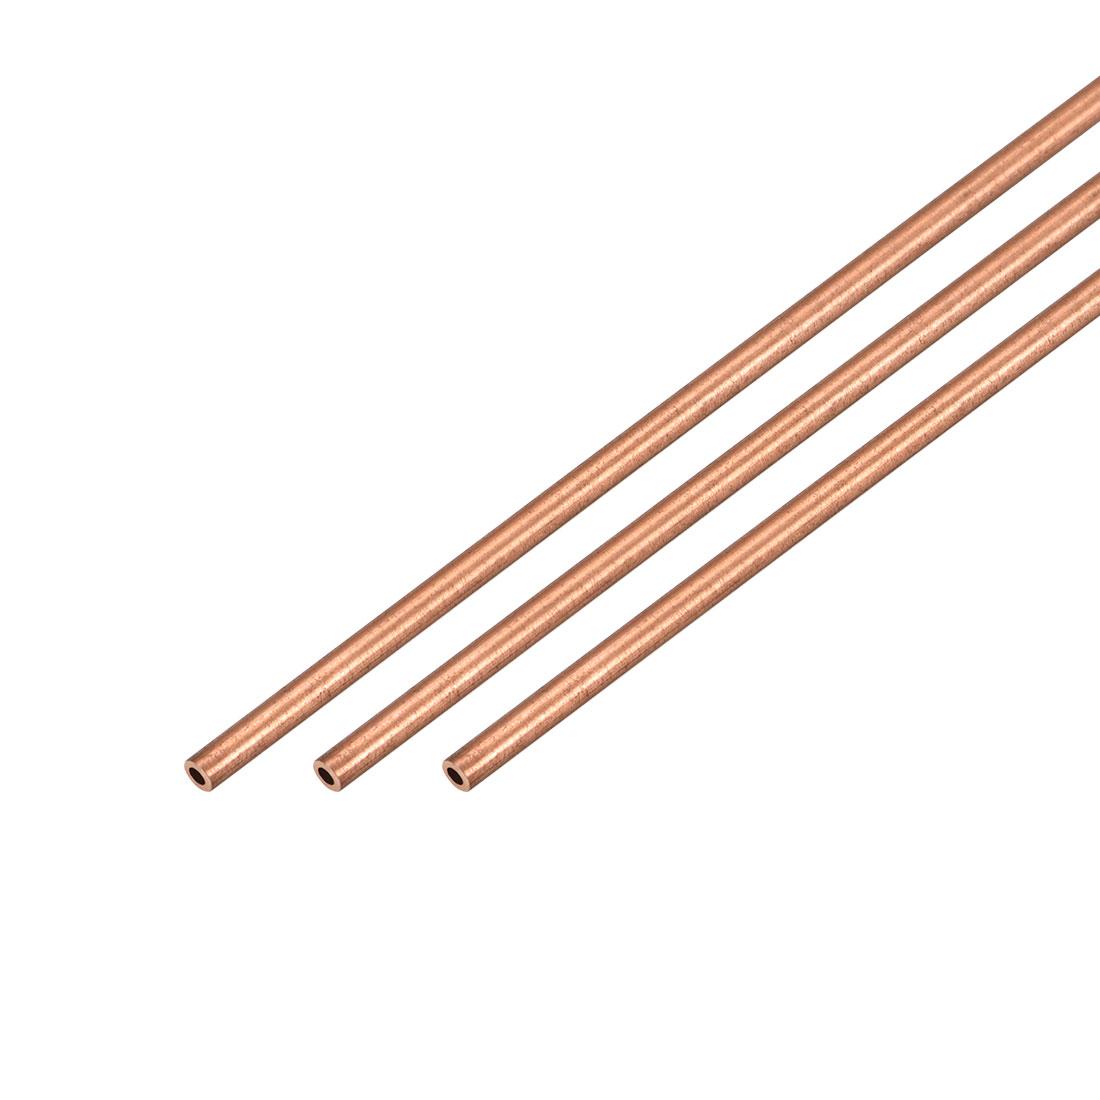 3Pcs 2mm Outside Diameter x 1mm Inside Diameter 500mm Copper Round Tube Pipe